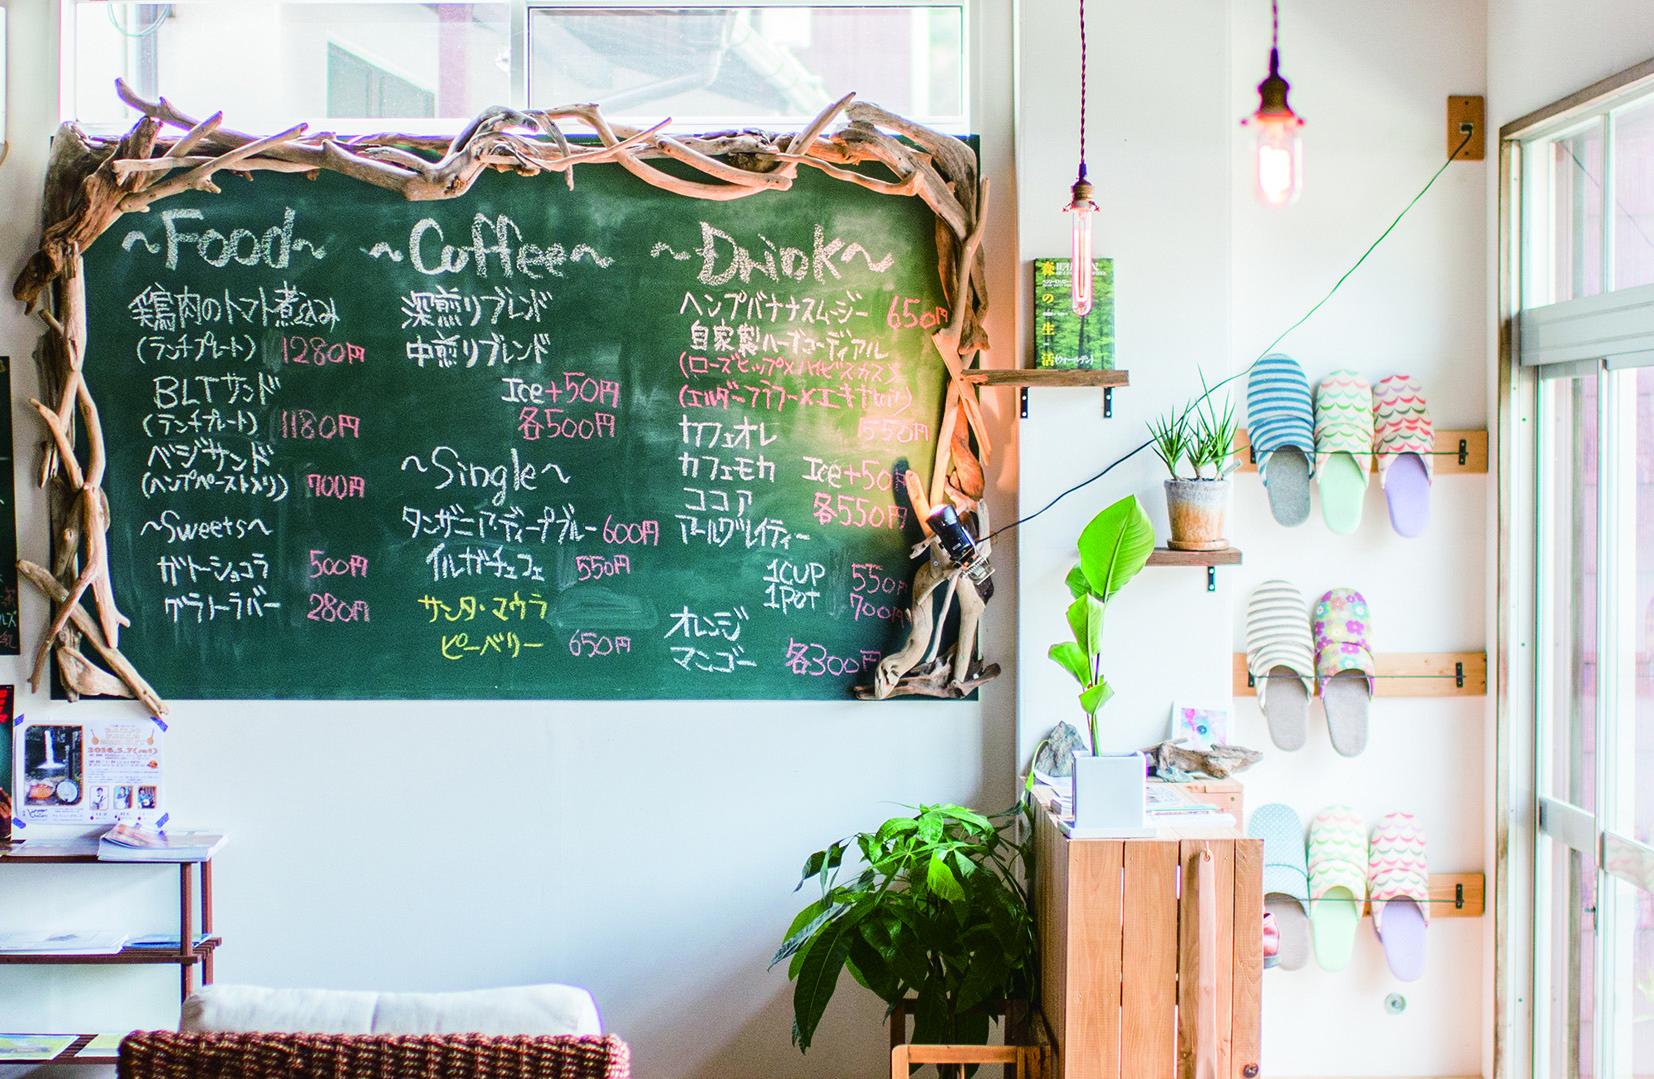 伊豆のおすすめおしゃれカフェ!人気の海が見える景色の良い場所も!